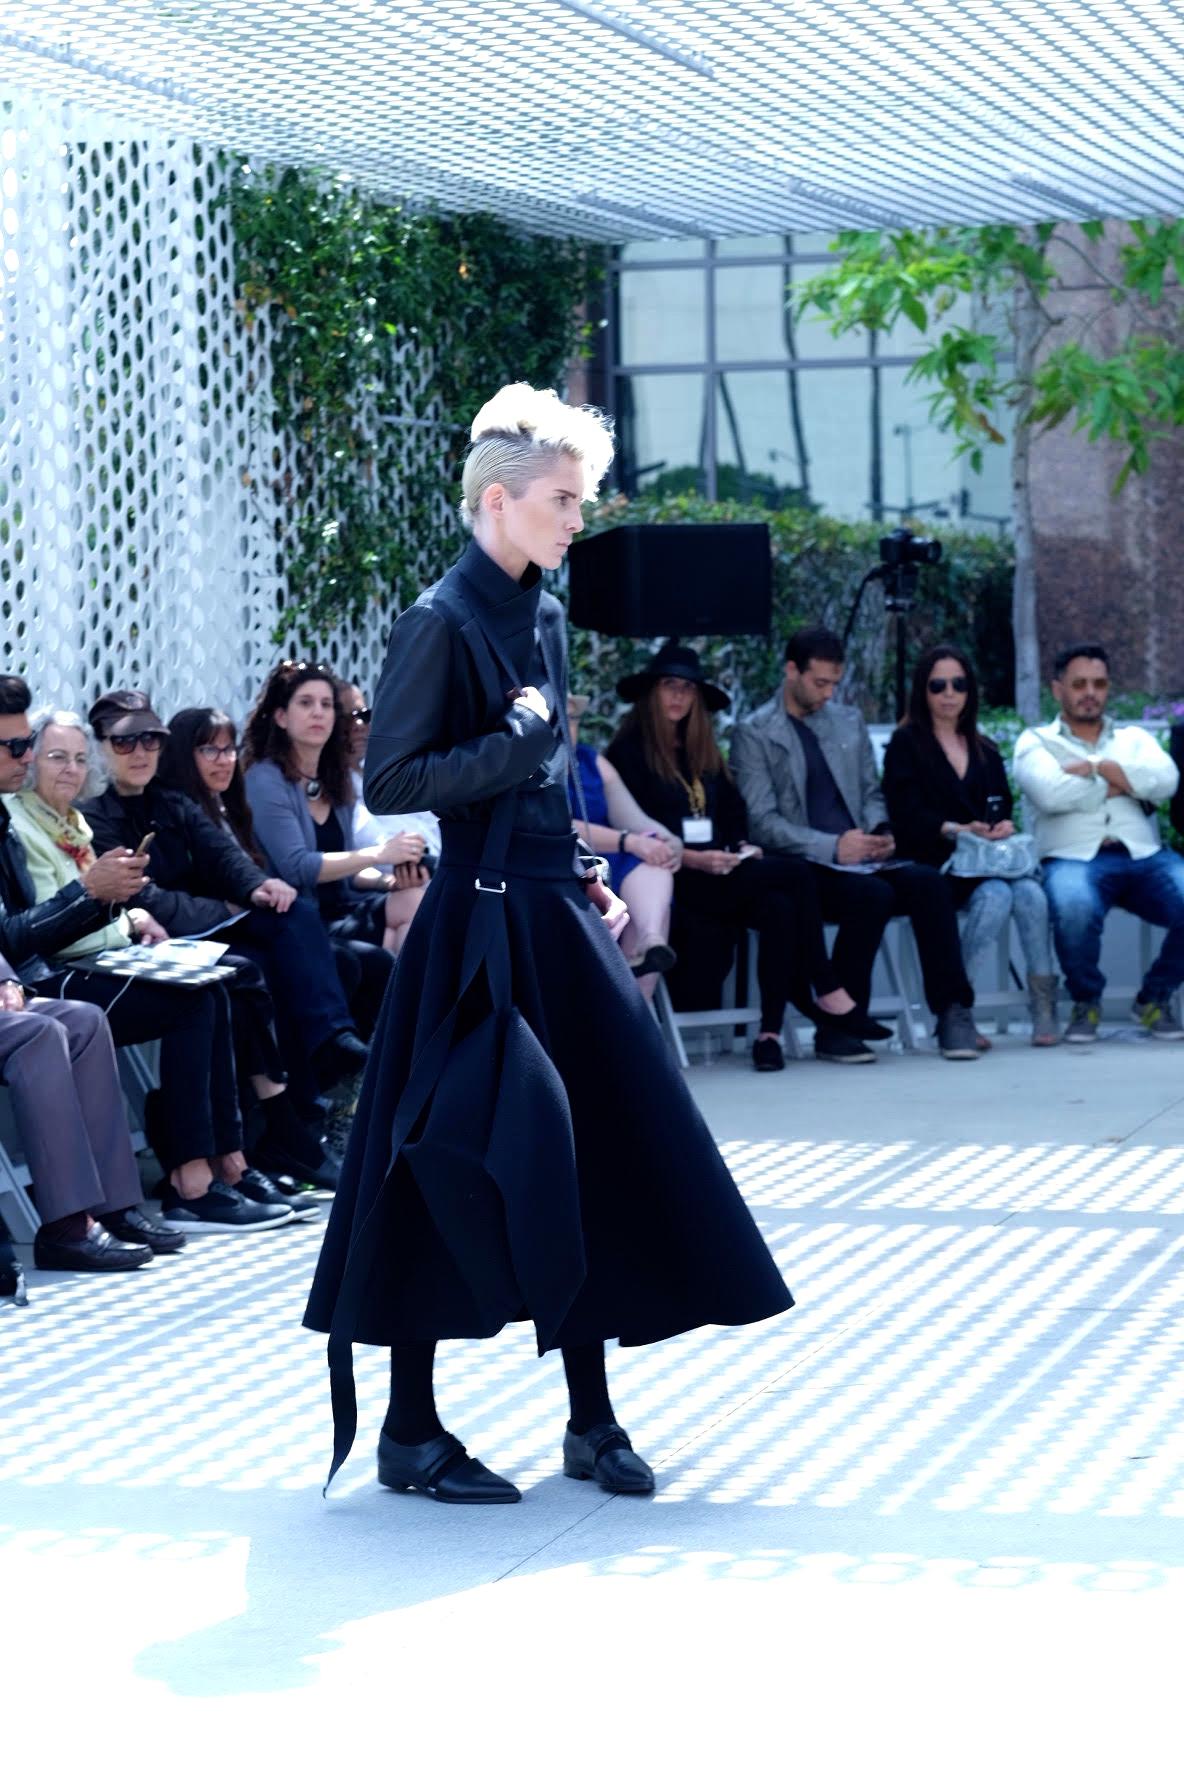 LAFW F/W16 Designer: Esther Perbandt Lead Hair: artLAB Senior Stylist Justin Woods Photo: Liz Abrams